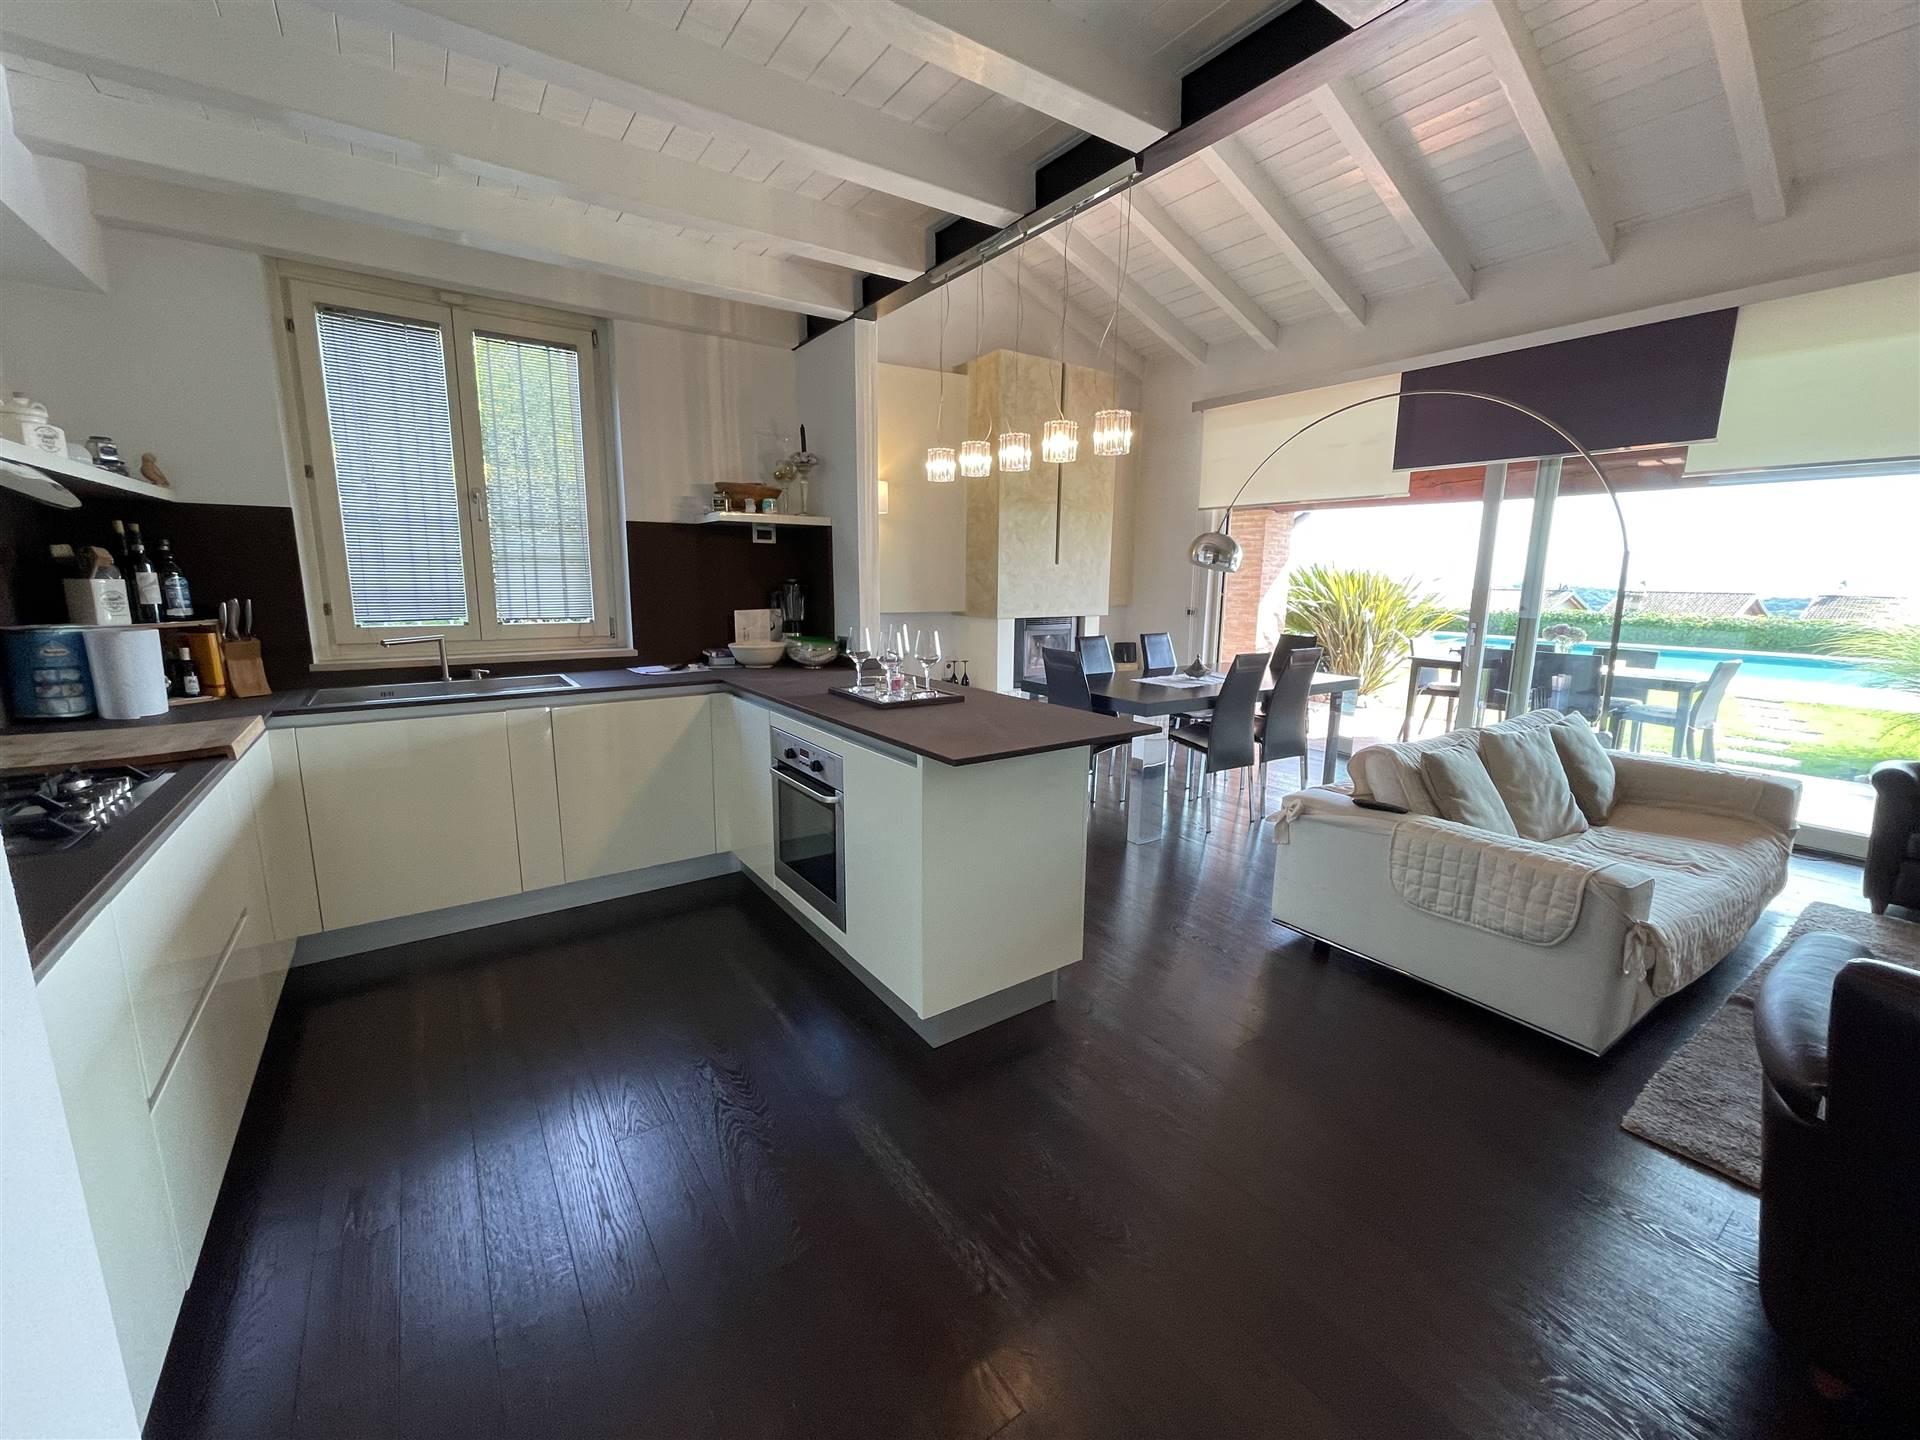 Foto cucina 2